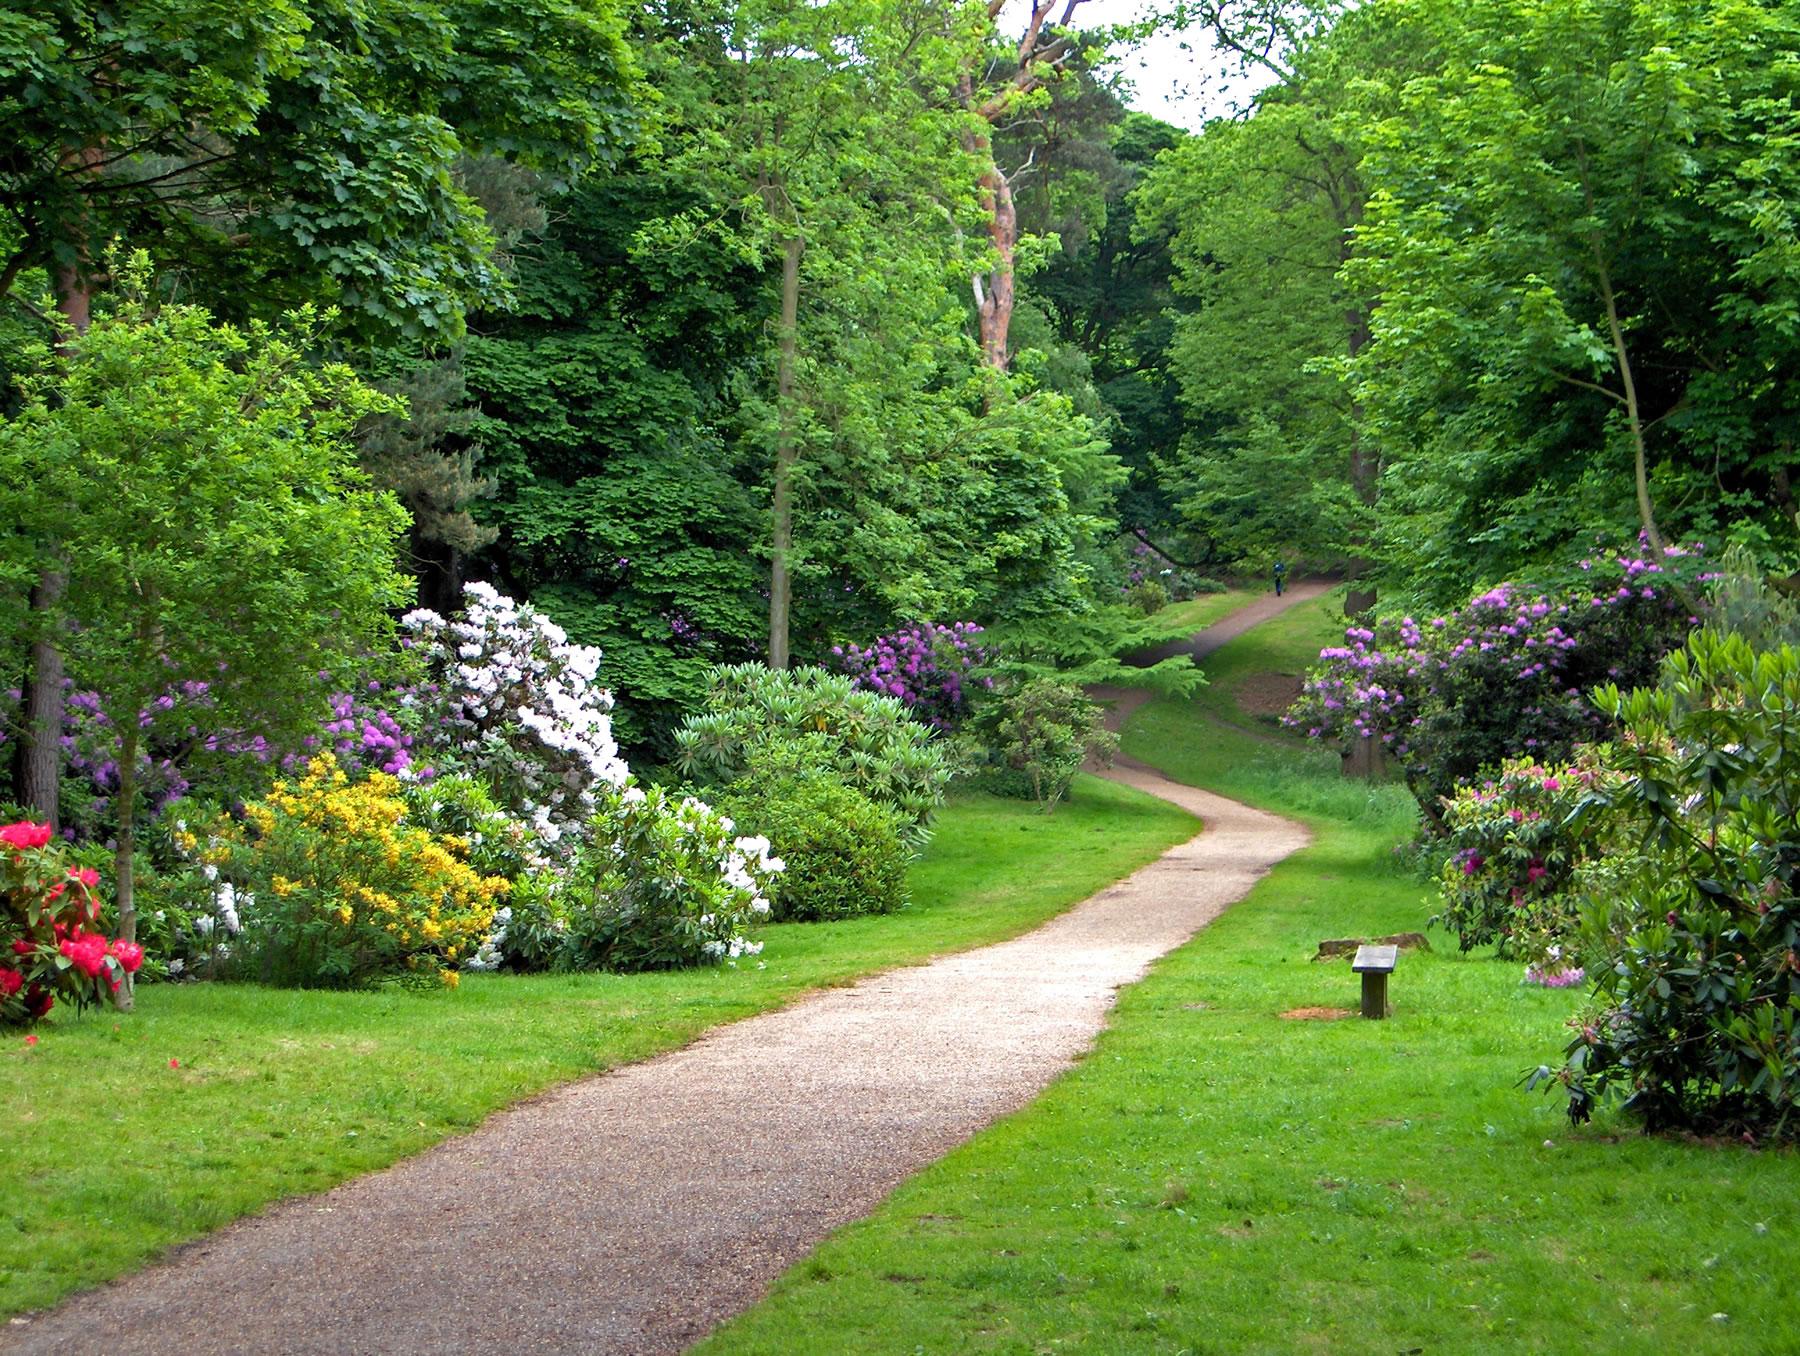 Upper sheringham norfolk including sheringham park for The country corner